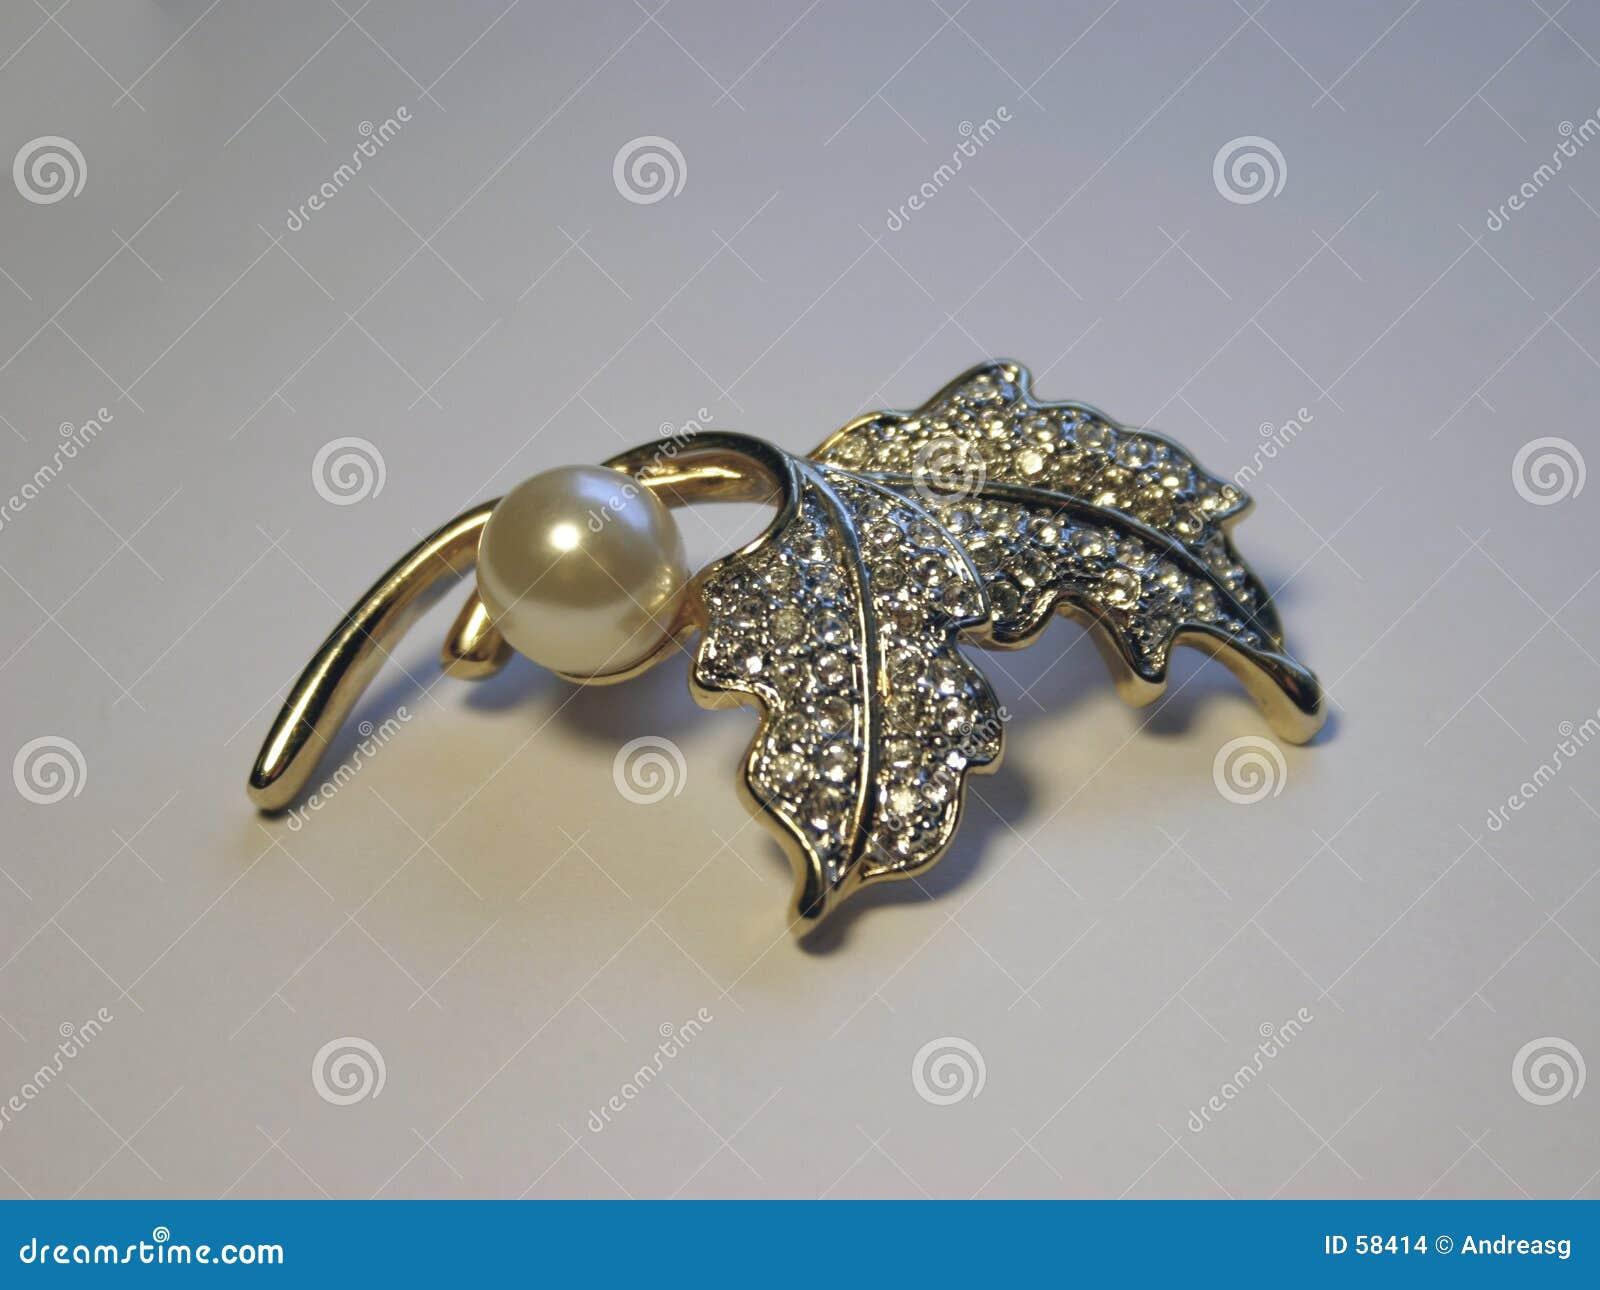 Download πόρπη στοκ εικόνες. εικόνα από διαμάντια, πολύτιμος, ασήμι - 58414